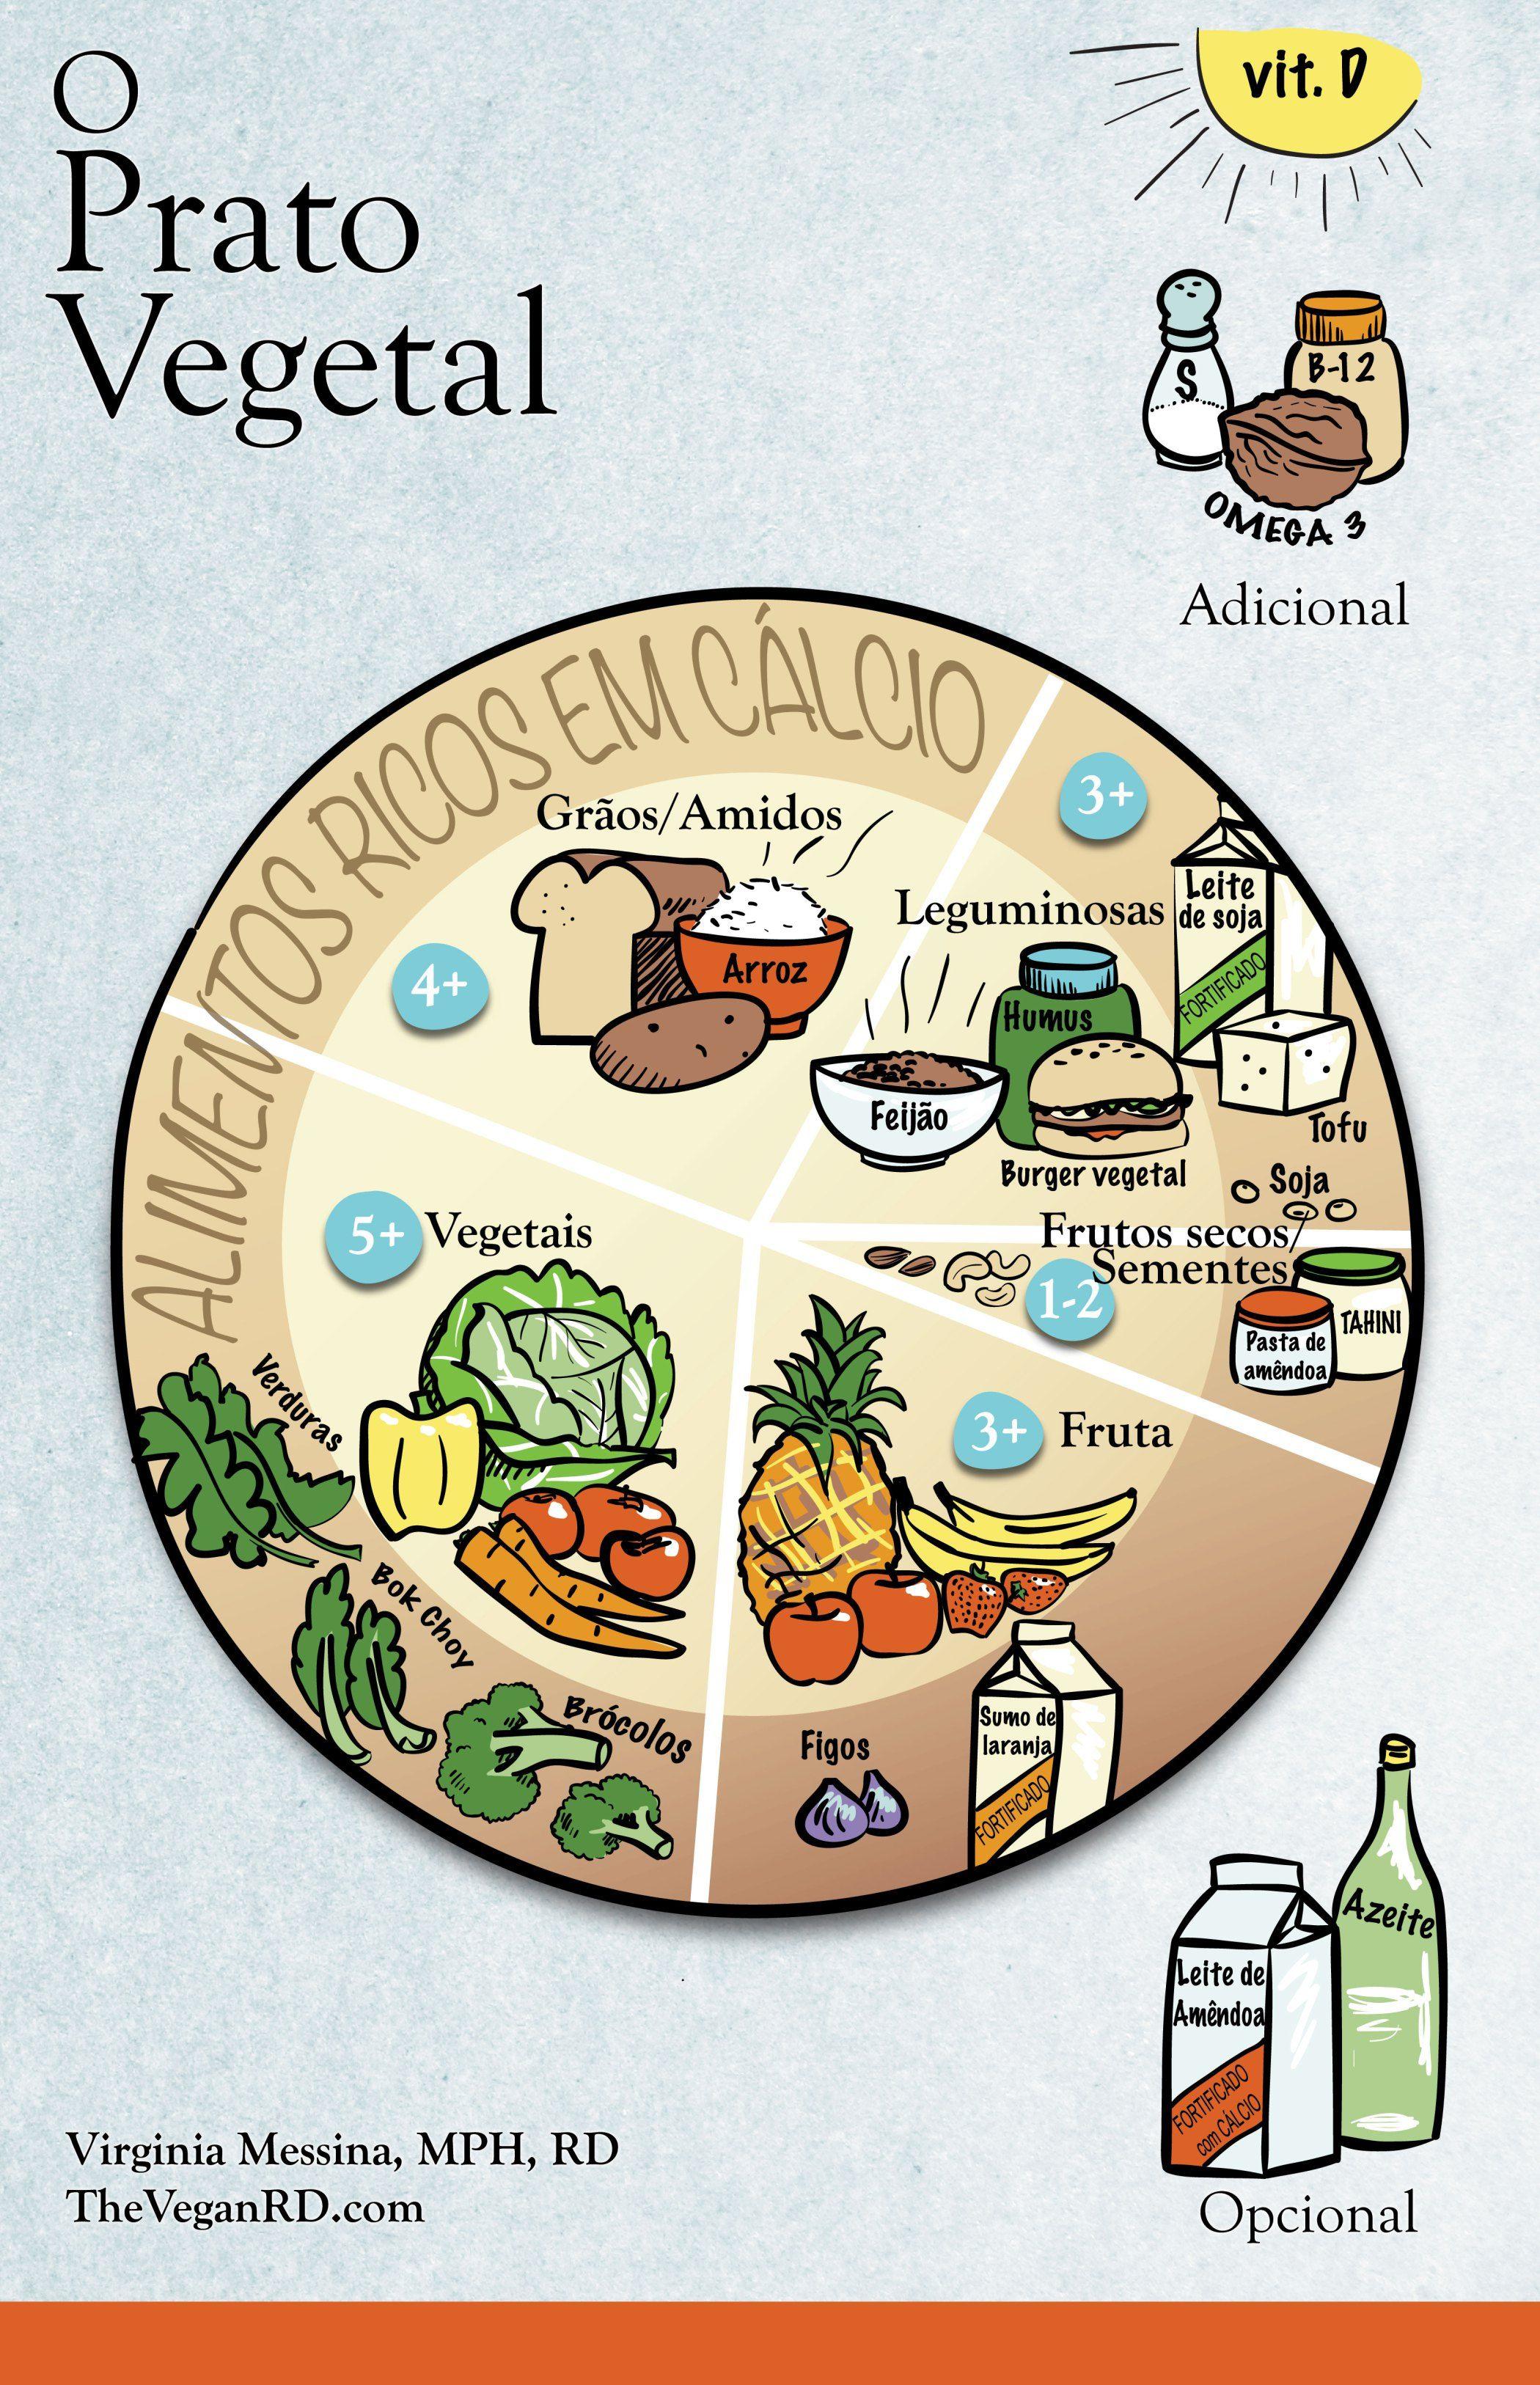 O Prato Vegetal - Tuga Vegetal | Alimentos ricos em cálcio